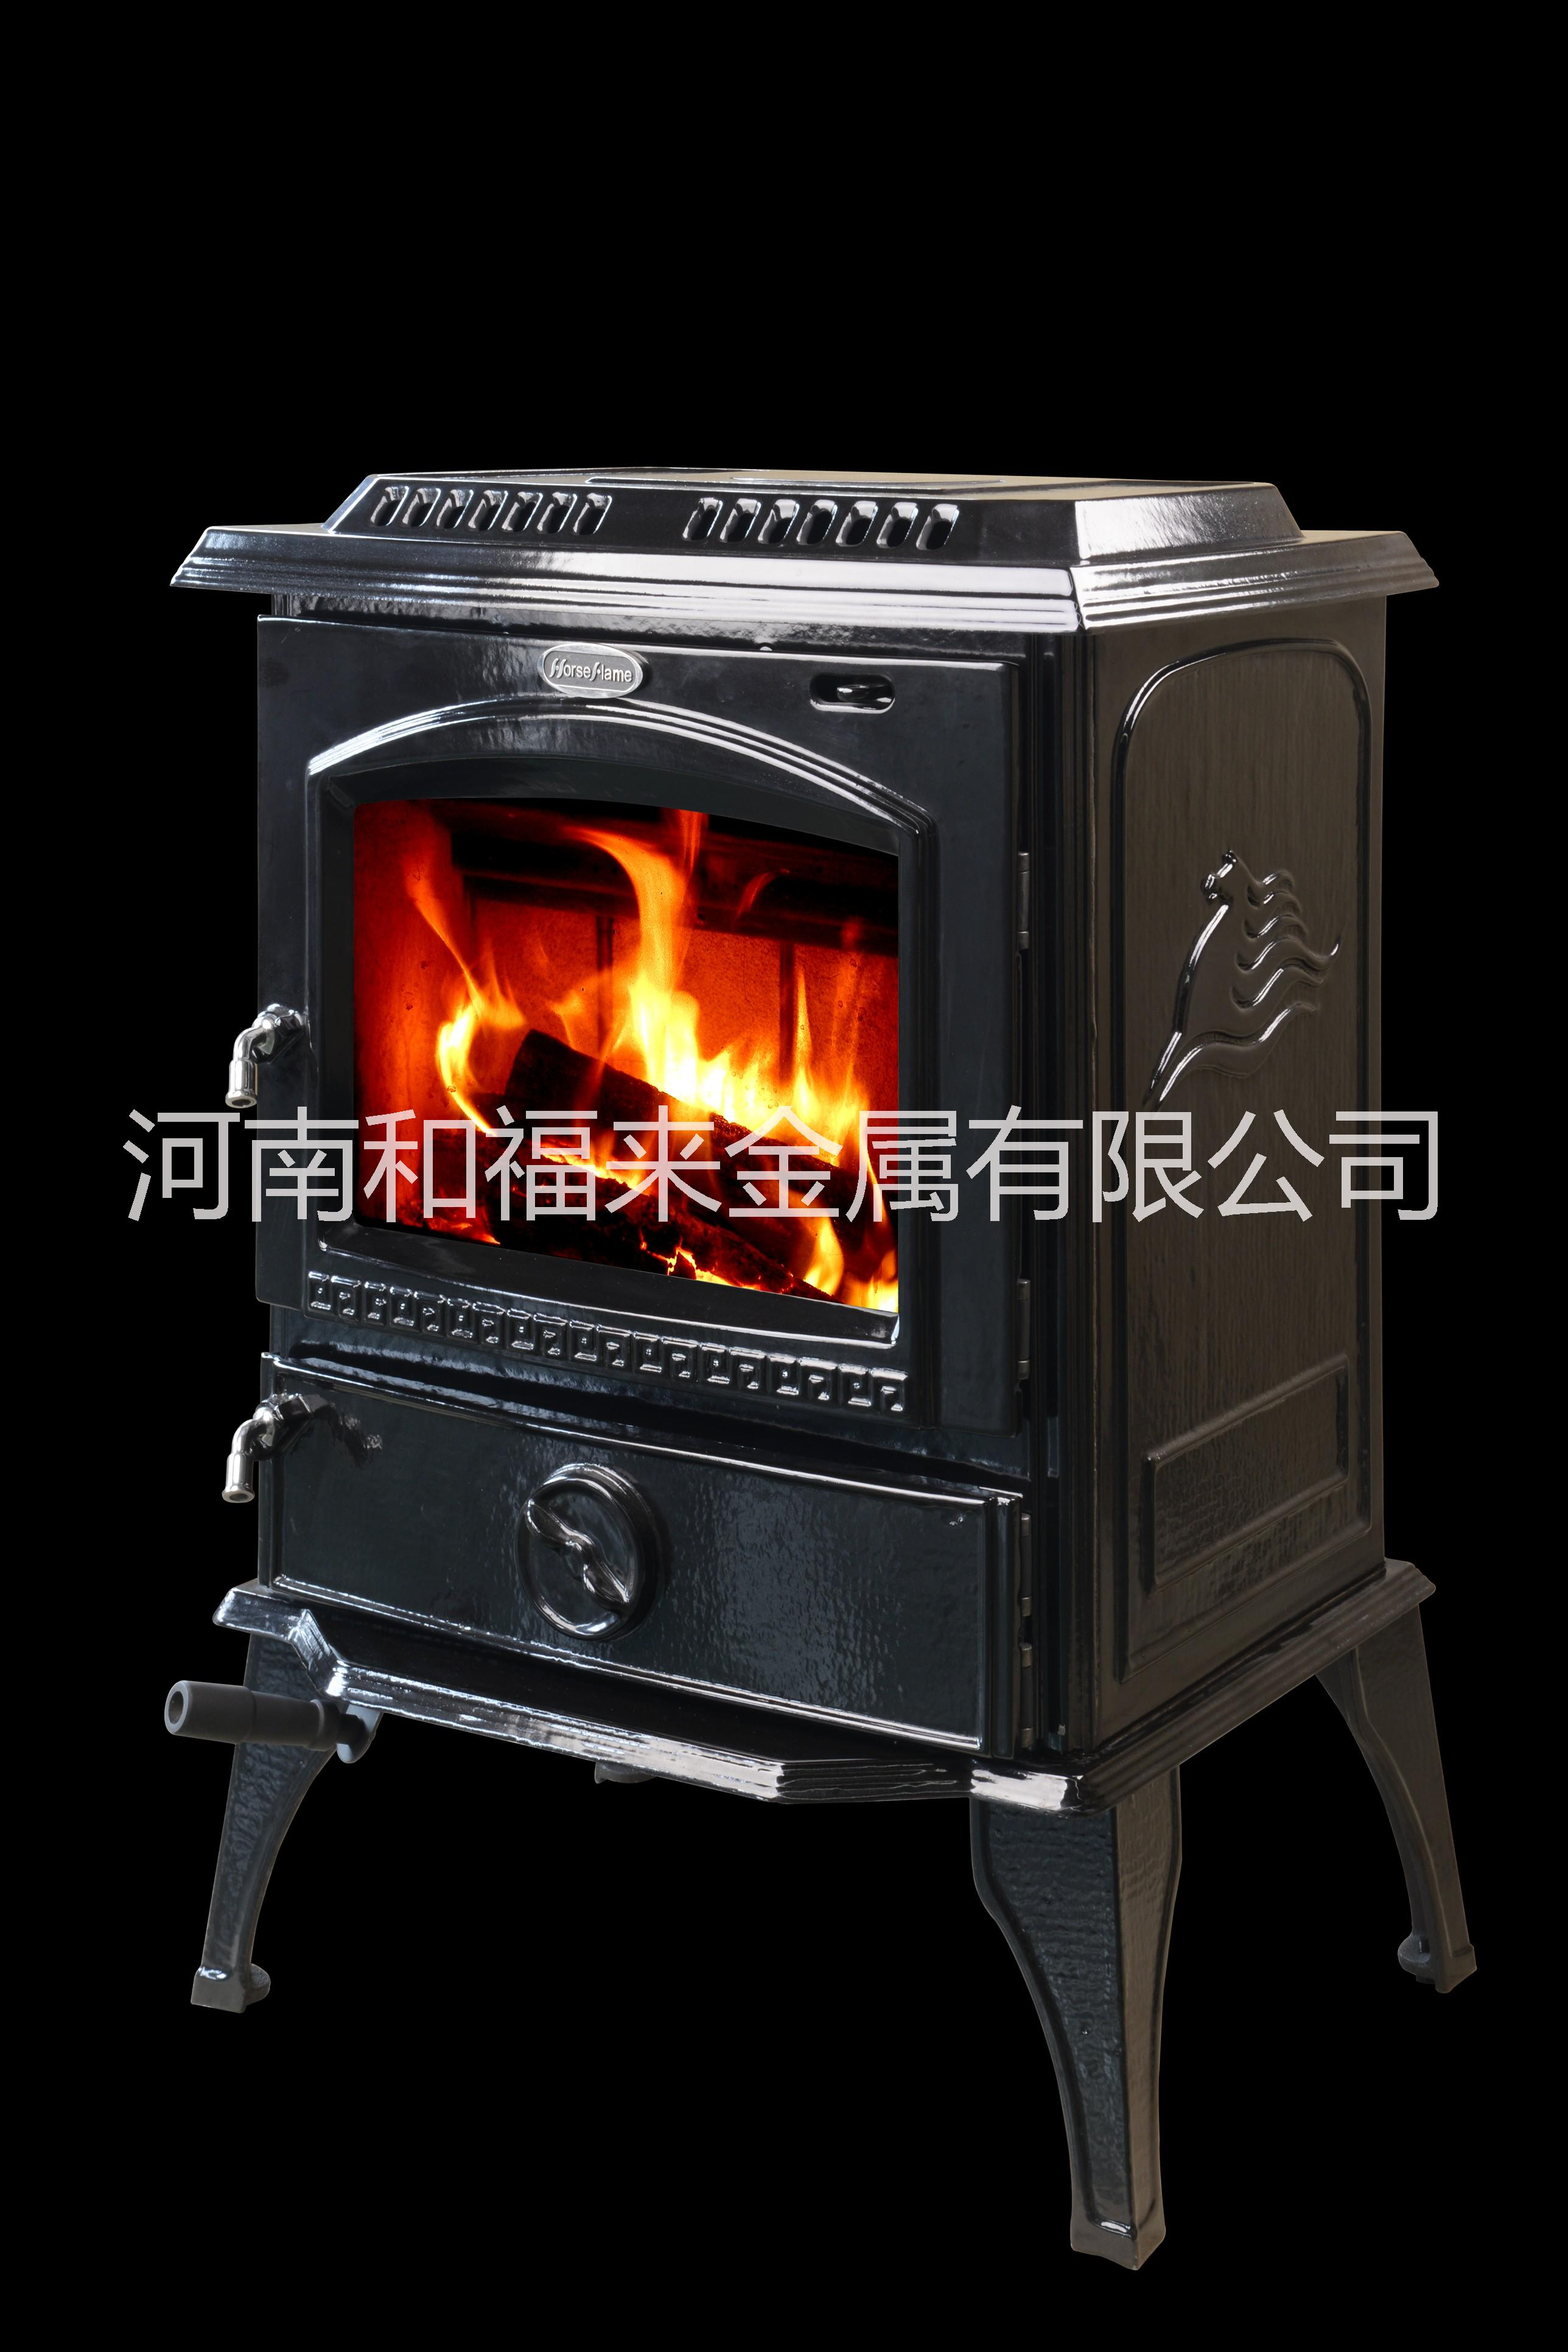 多燃料真火燃木炉子 铸铁壁炉HF717U黑色